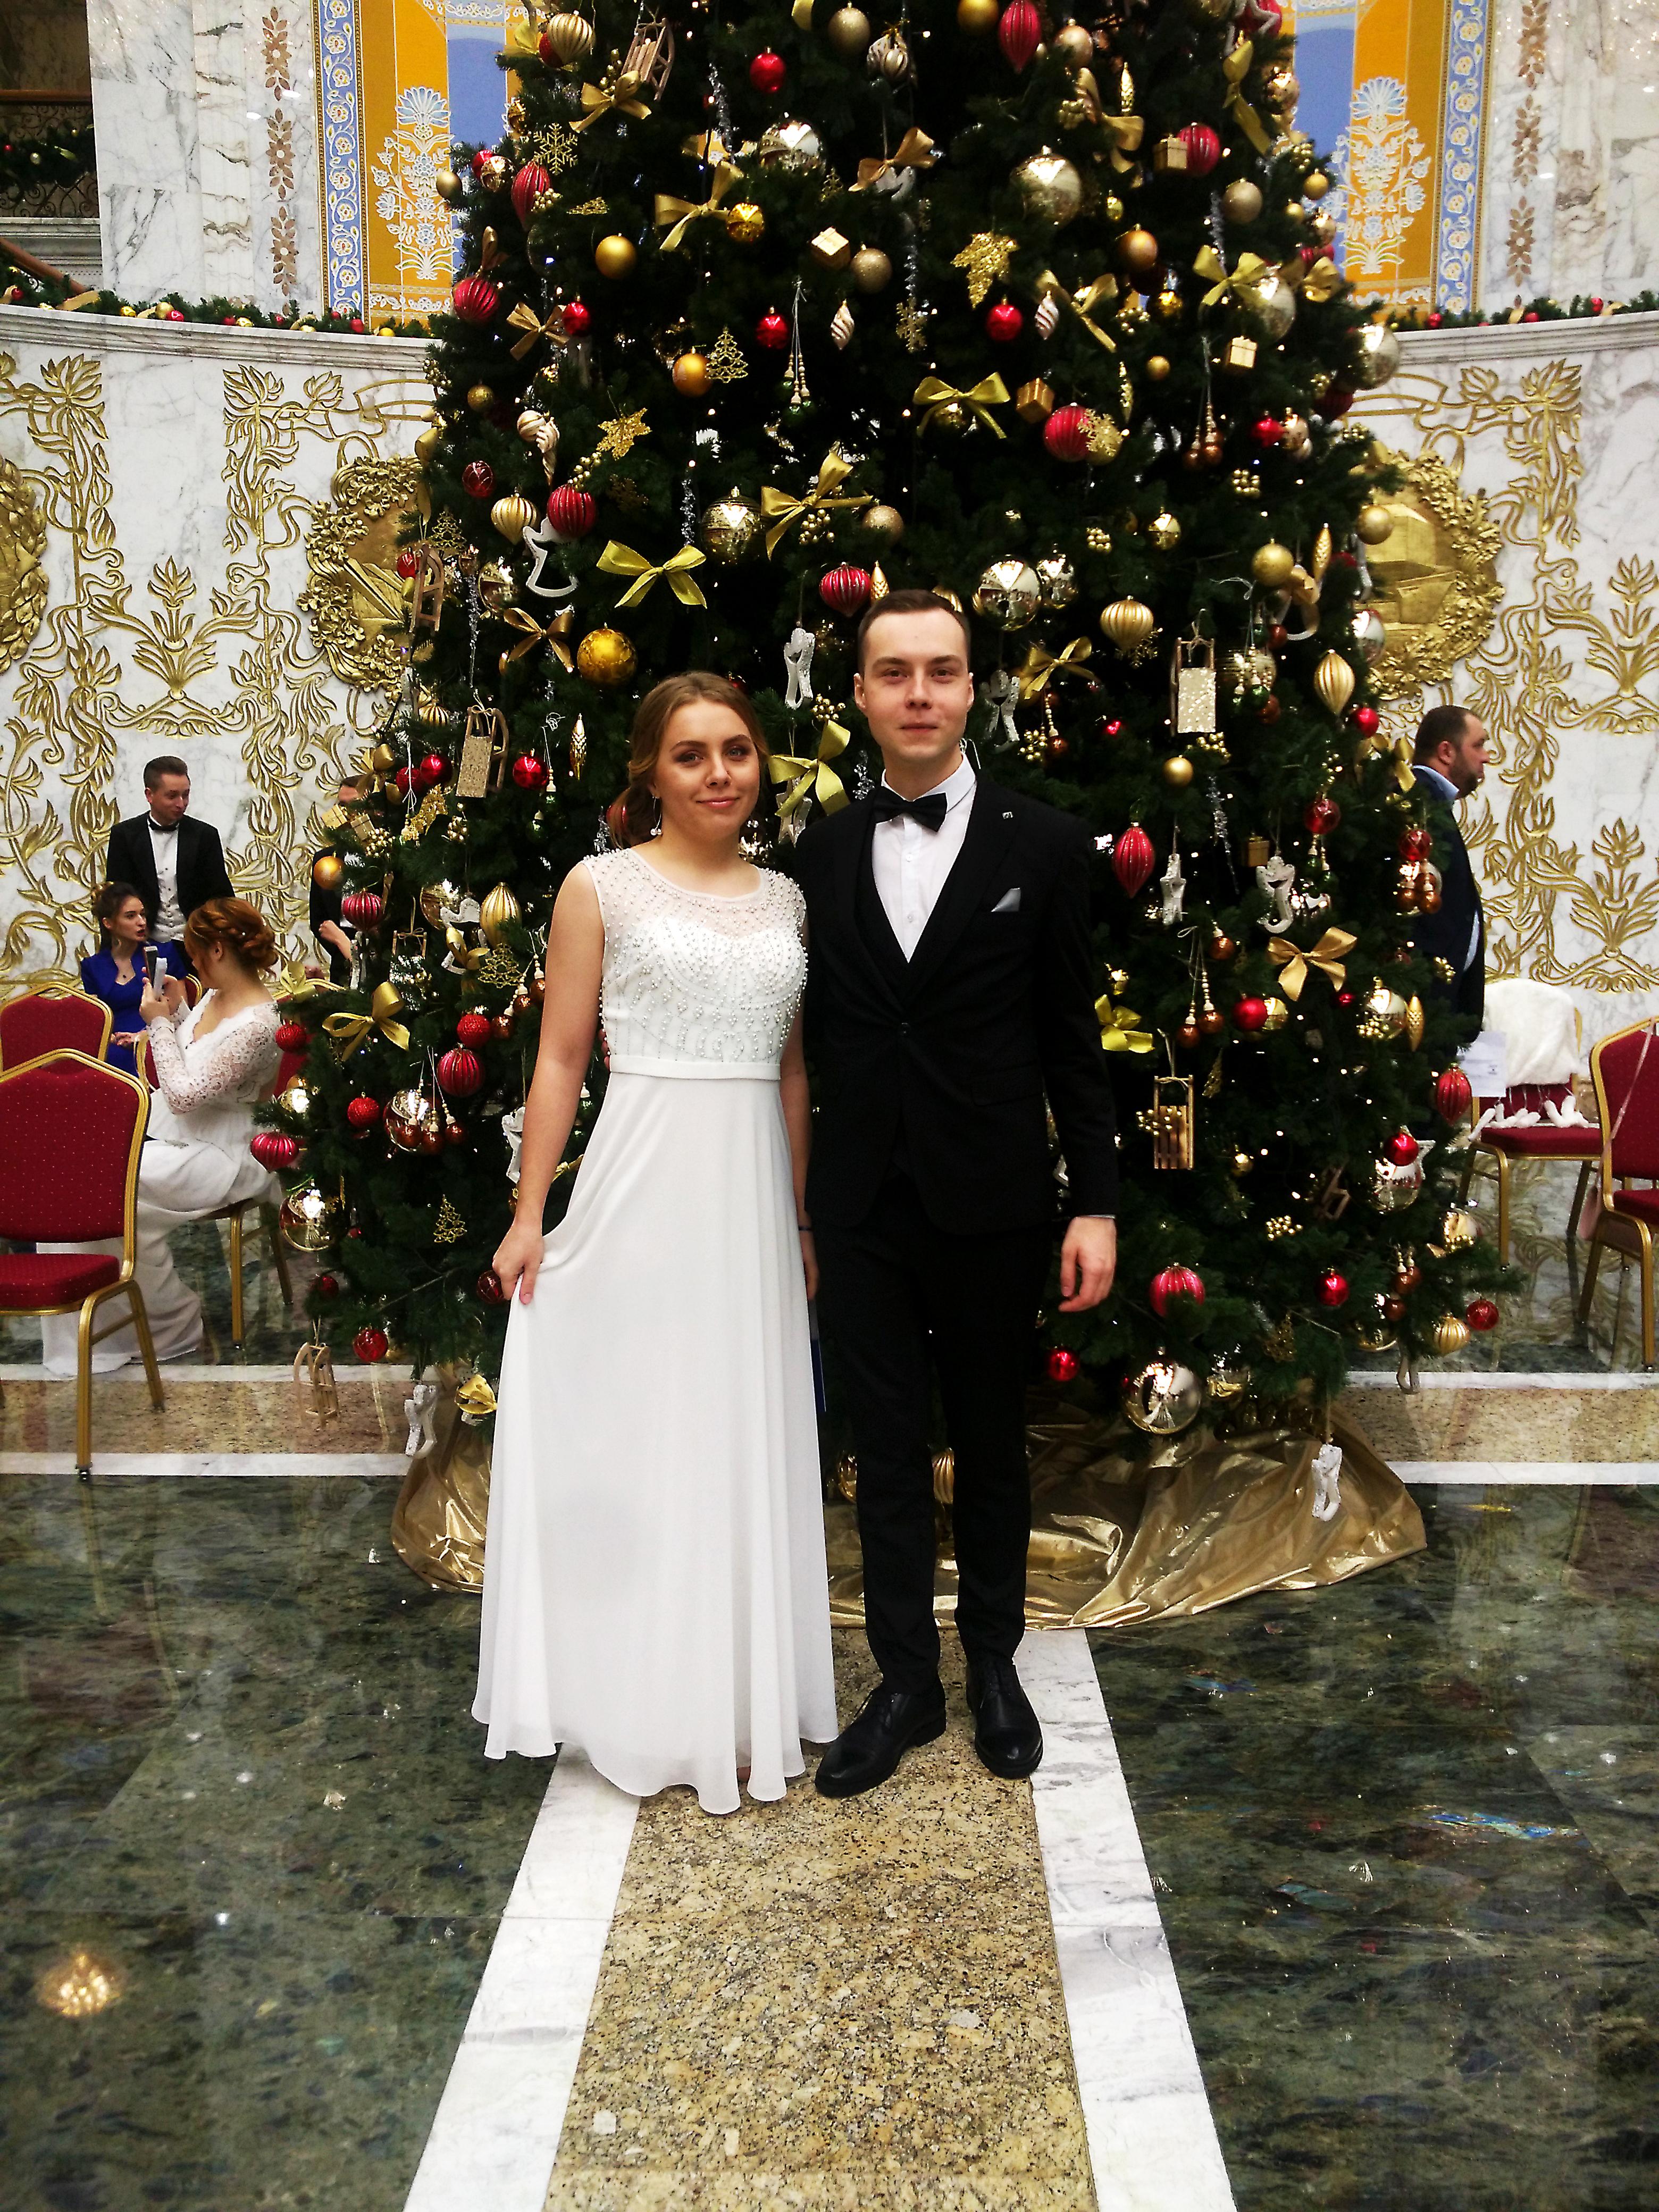 Алеся Мурашко и Игорь Комар на первом Республиканском новогоднем балу. Фото: личный архив